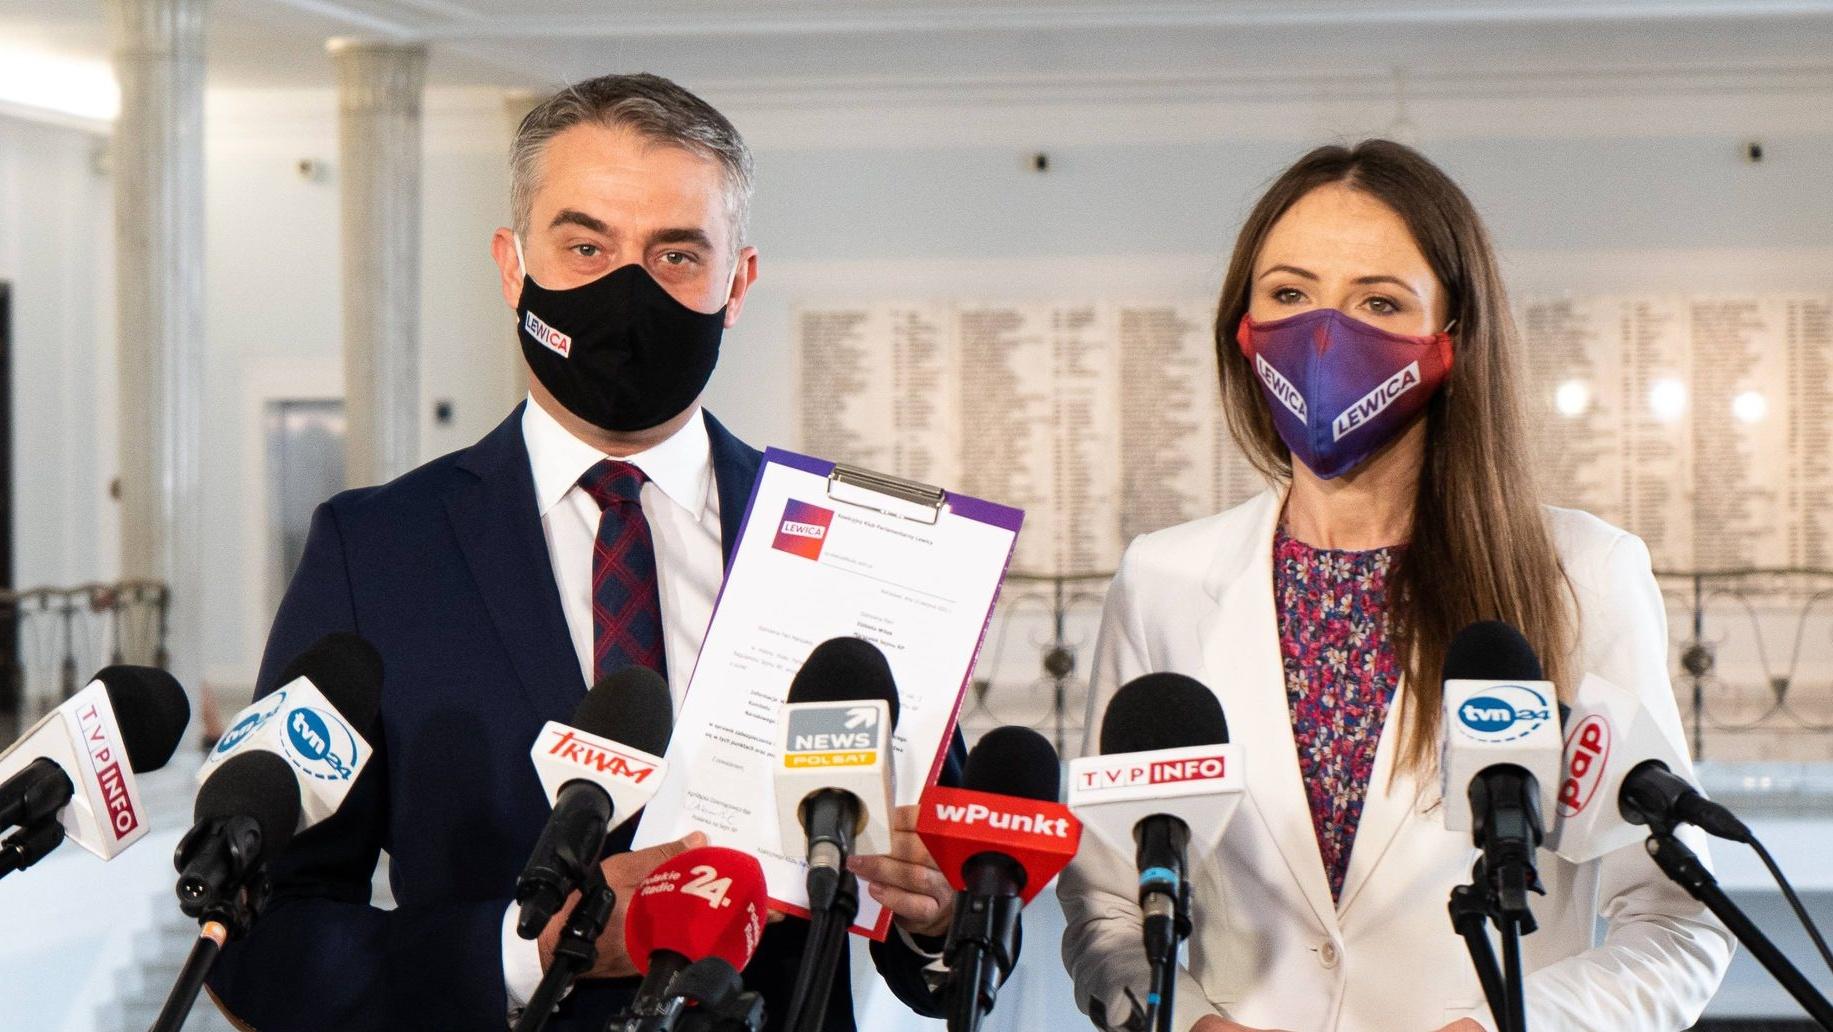 Lewica wezwała Kaczyńskiego do potępienia agresji ze strony antyszczepionkowców